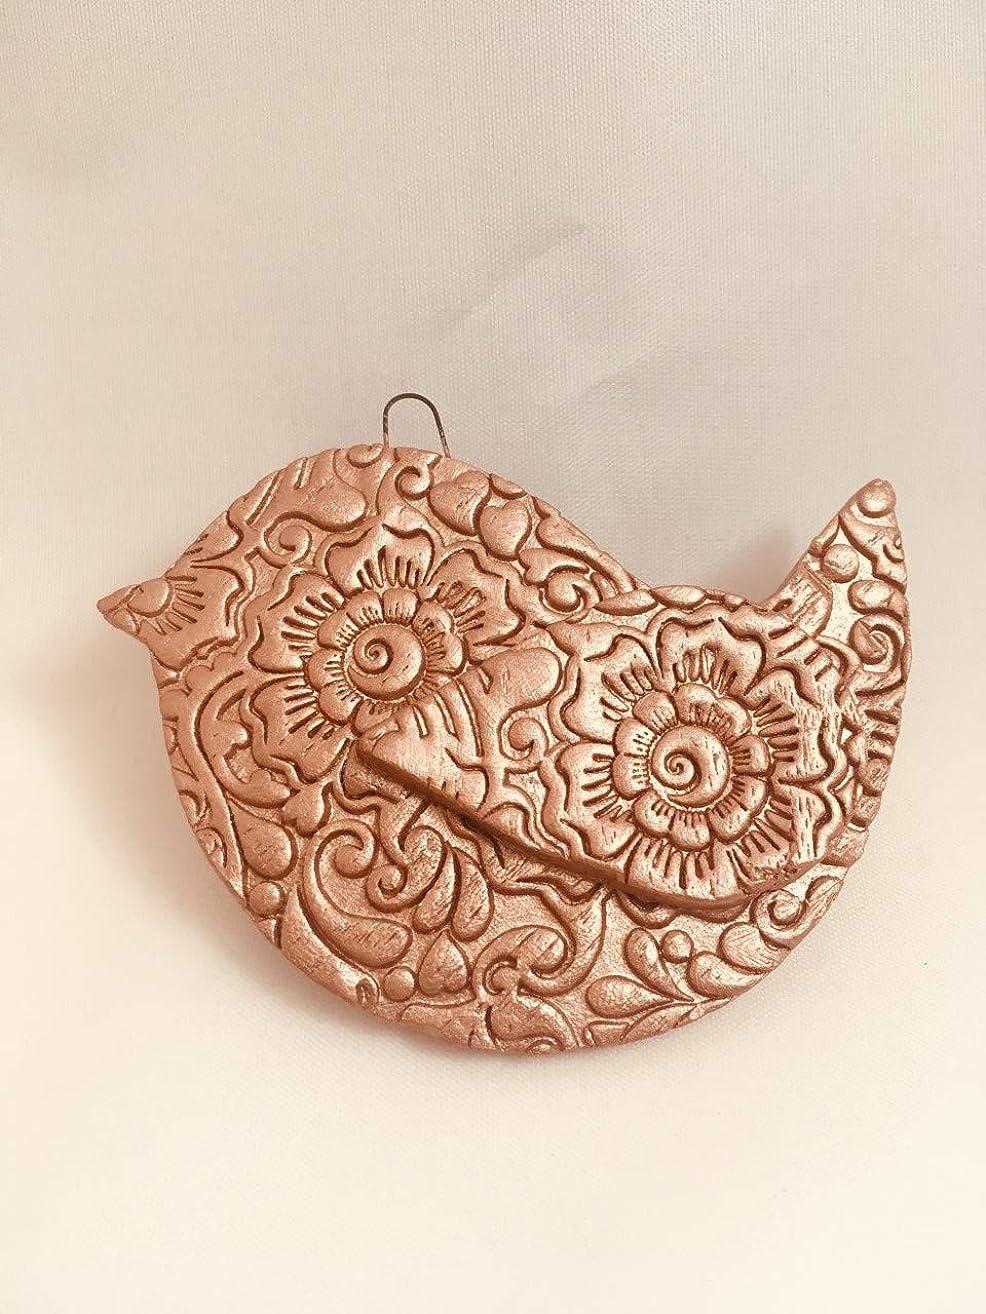 Essential Oil Diffuser Ornament | Rose Gold Bird Ornament | Terracotta DIffuser